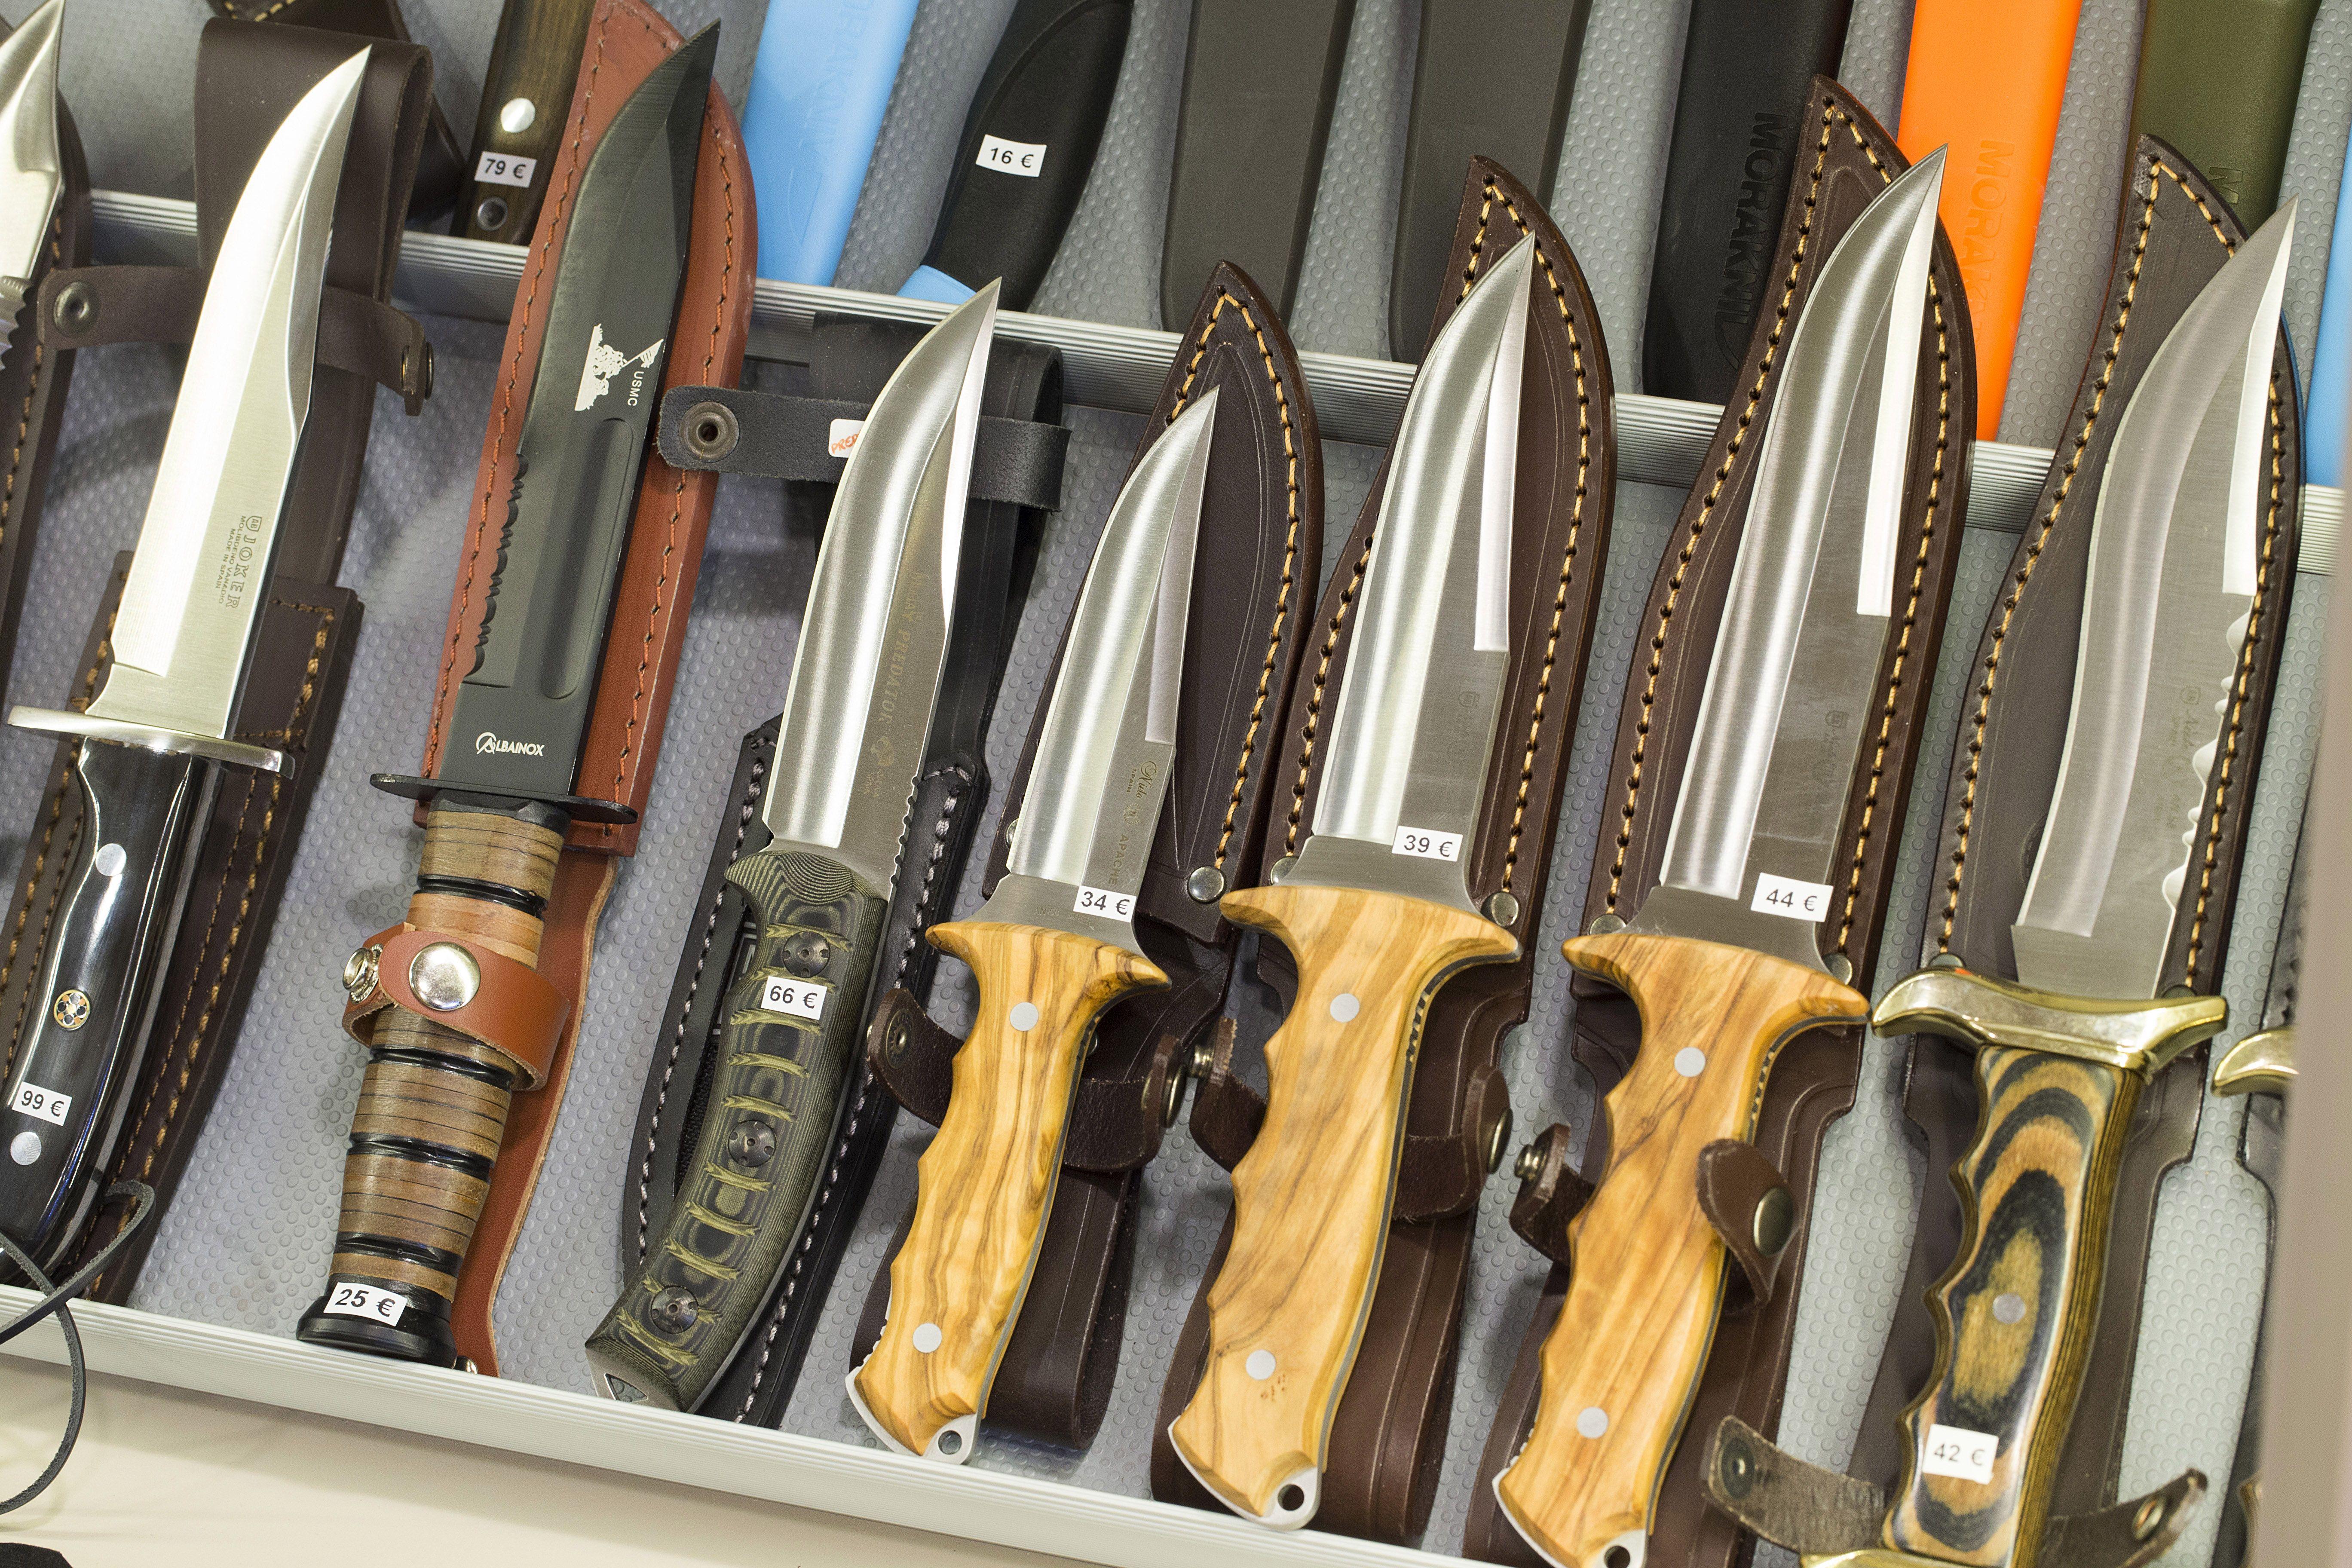 Cuchillos y navajas de lujo en Zaragoza